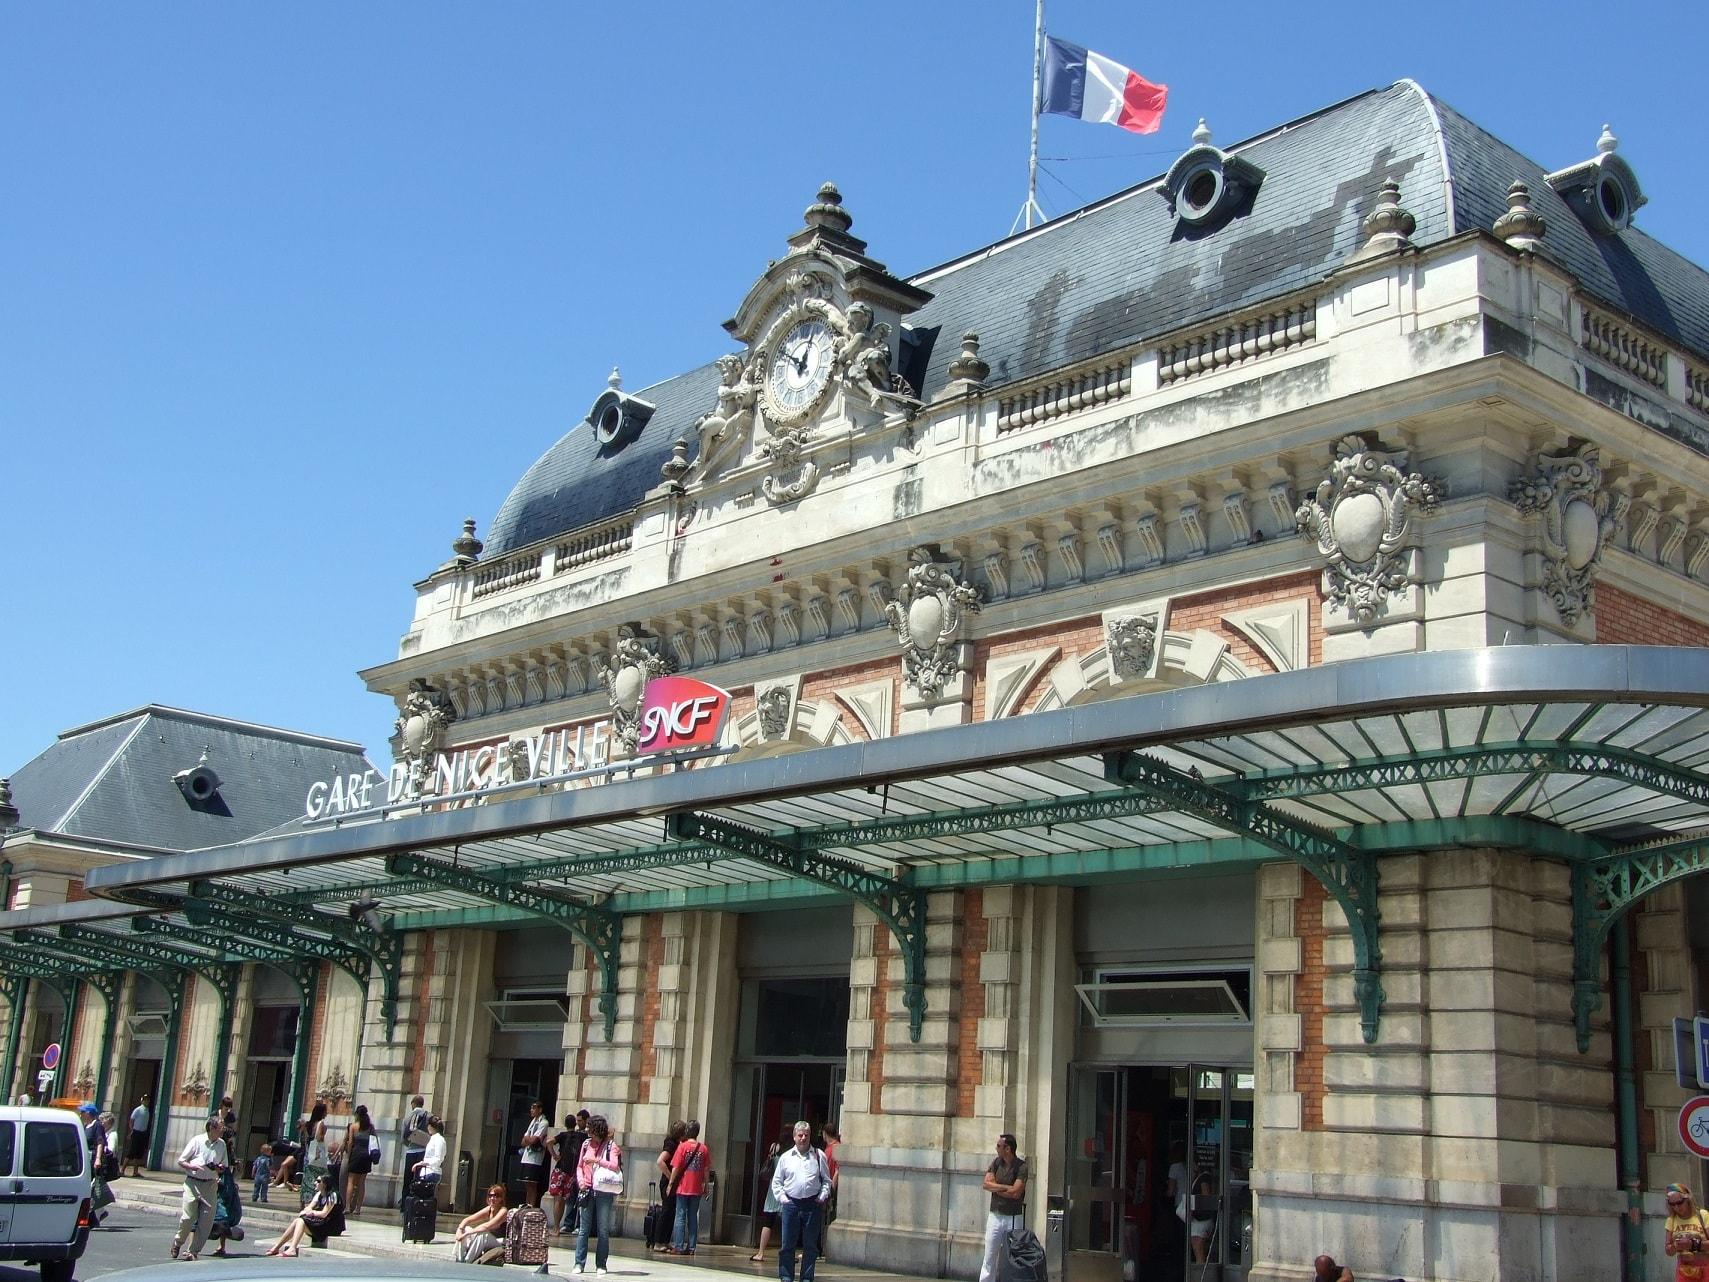 gare sncf nice ville chauffeur vtc Alpes-Maritimes Côte-d'Azur